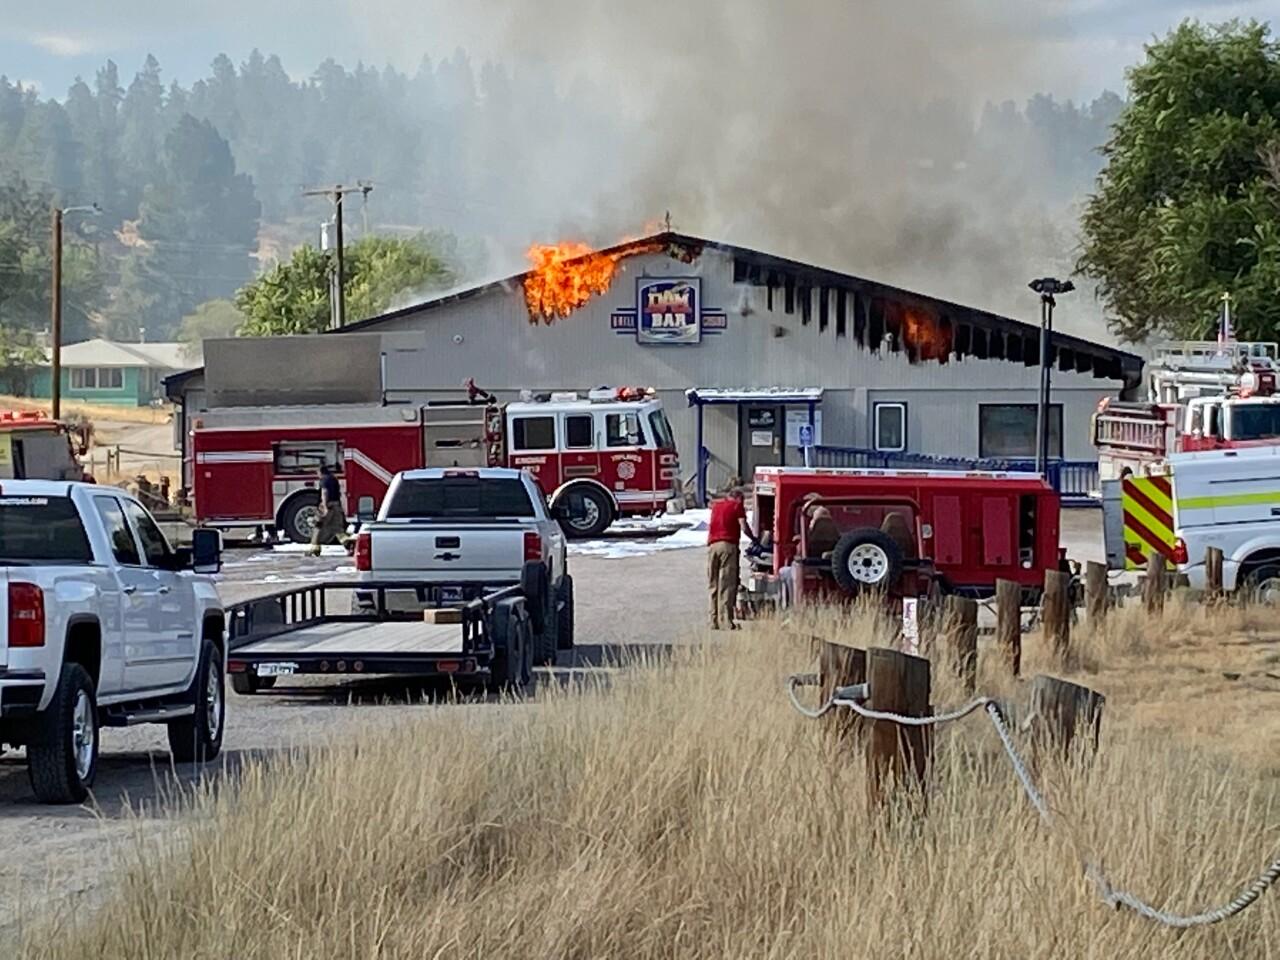 Dam Bar fire 1